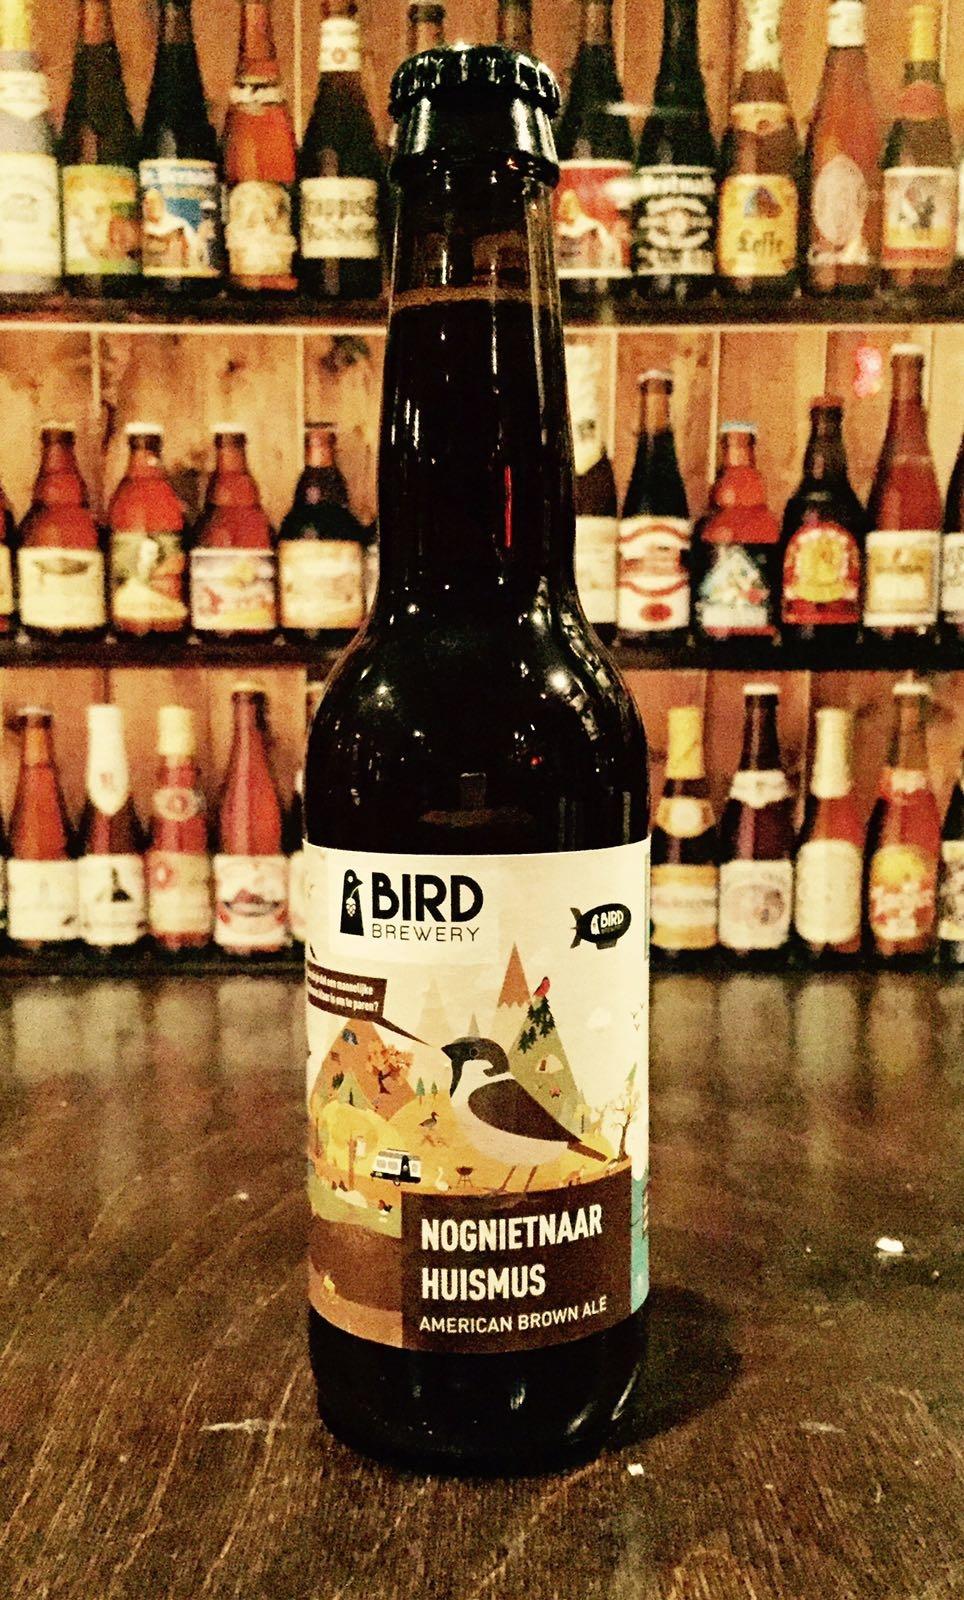 De Bird Brewery is een jonge brouwerij waarvan alle bieren verwijzen naar vogels. Dit speciaalbier is een Brown Ale met een bijzonder smakenpalet. In het speciaalbier her-ken je rook en turf maar ook frisse en fruitige tonen zijn aanwezig. De gebrande onge-zouten pecannoten zijn ook niet te missen in dit speciaalbier. Wij vinden dit bier echt een aanrader en wat ons betreft hoeft het bier nog niet naar huis. Dit bier is absoluut geen dooie mus waar wij jou blij mee maken. Het bier bevat een alcoholpercentage van 6,4%. Advies serveertemperatuur: 6 à 7 graden.